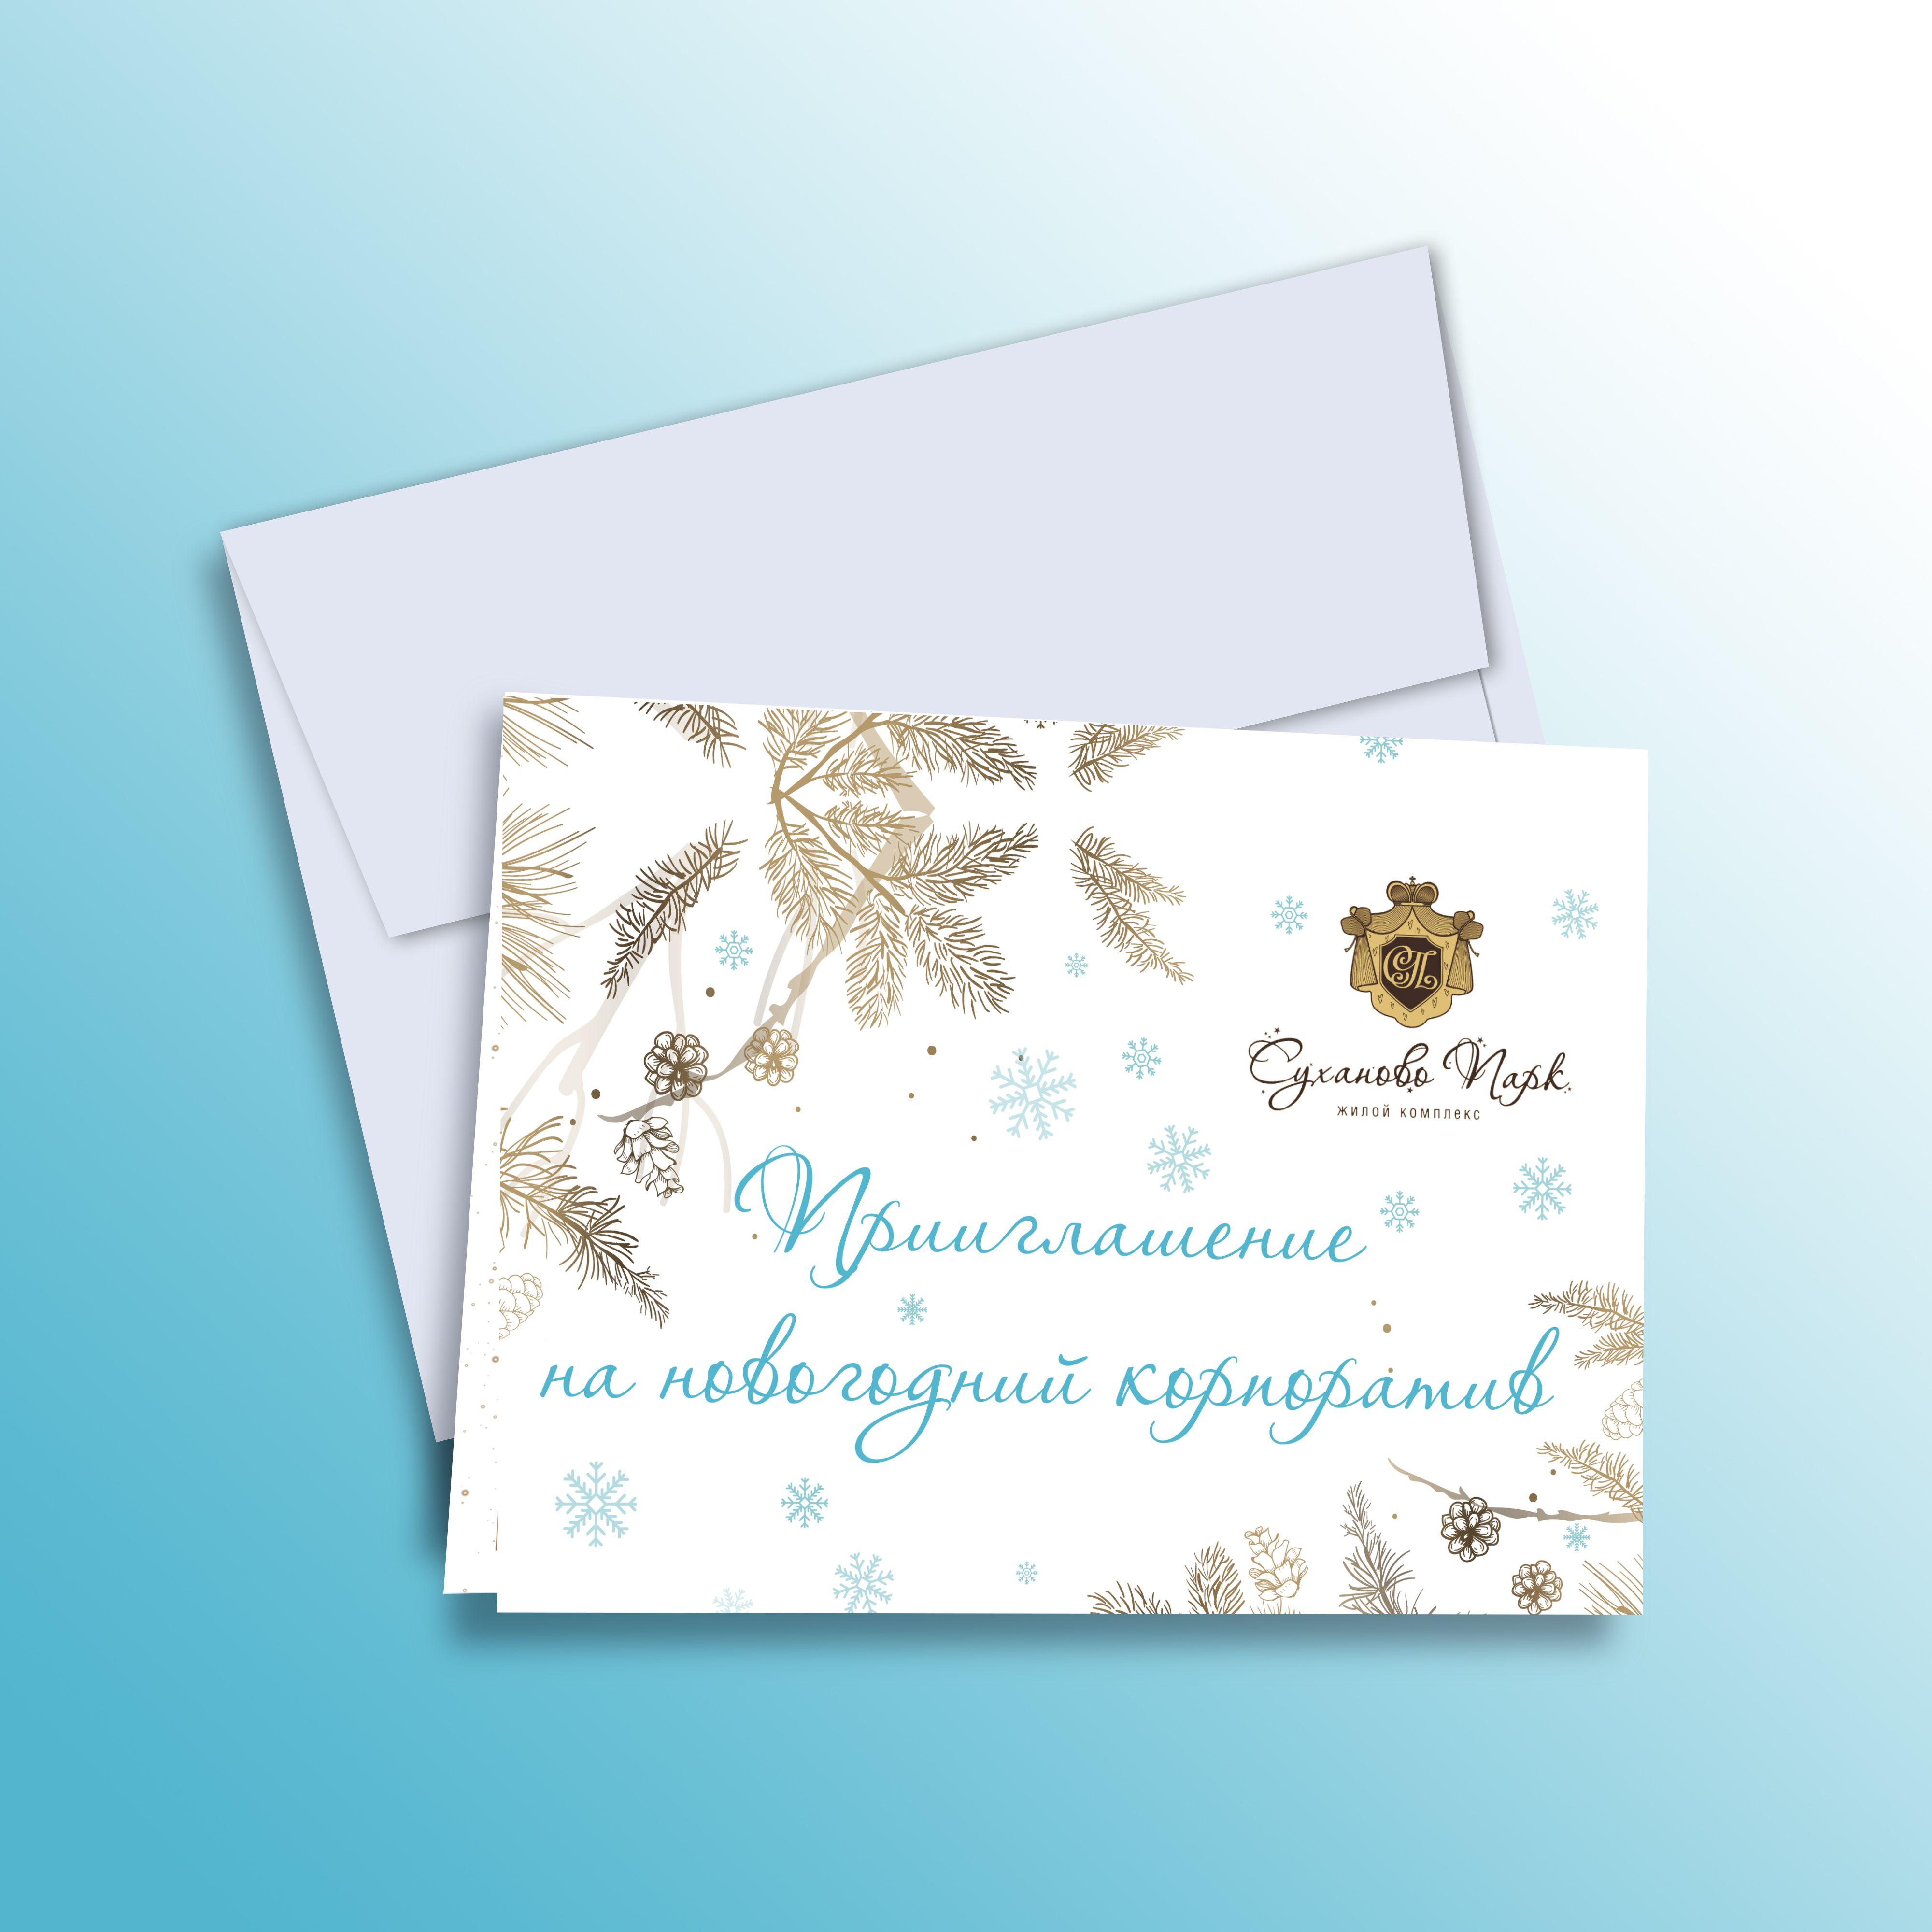 Приглашение на корпоратив открытка